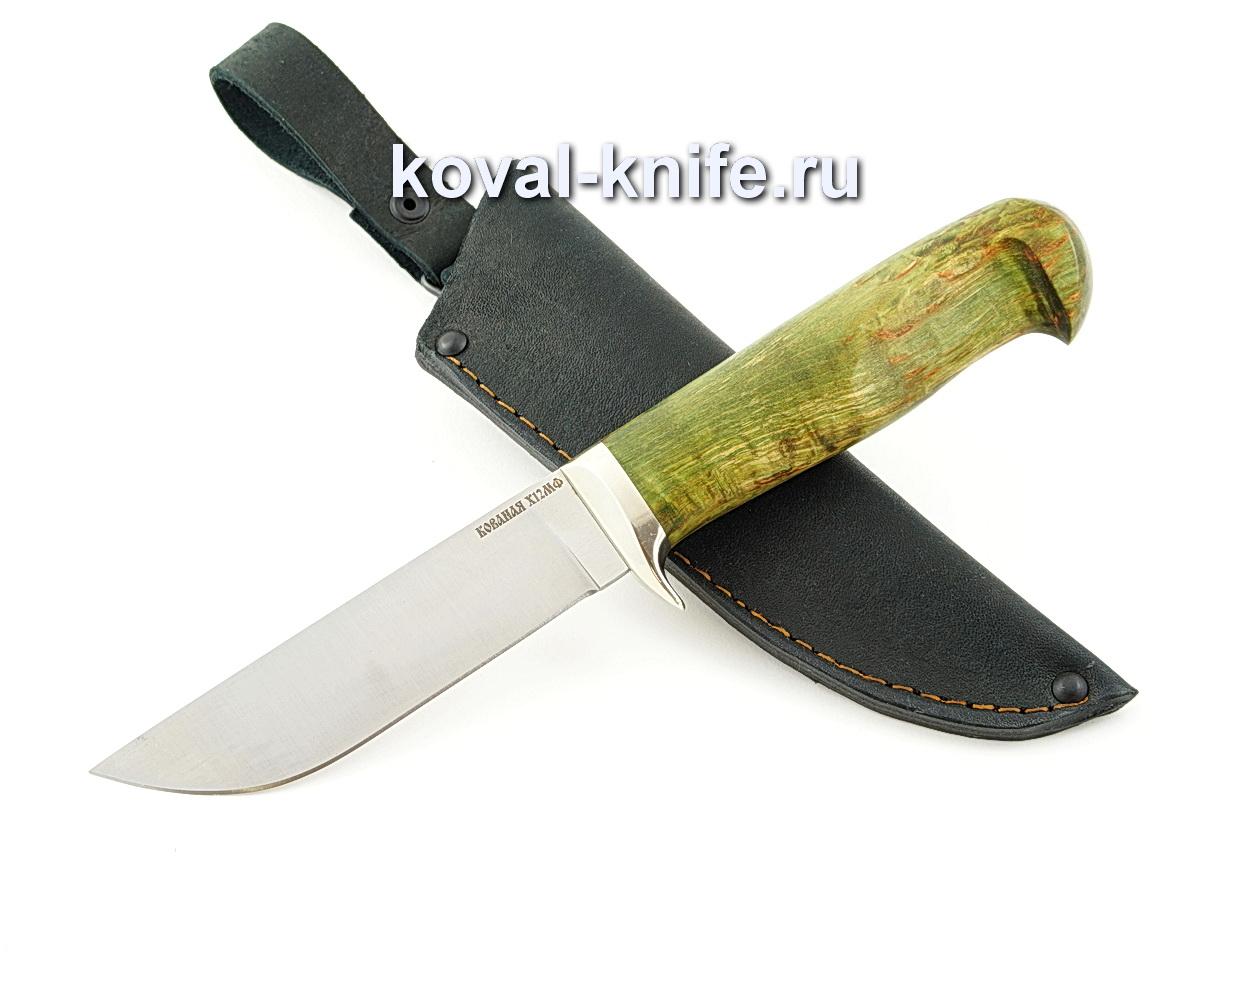 Нож Белка из кованой стали х12мф с рукоятью из карельской березы A586